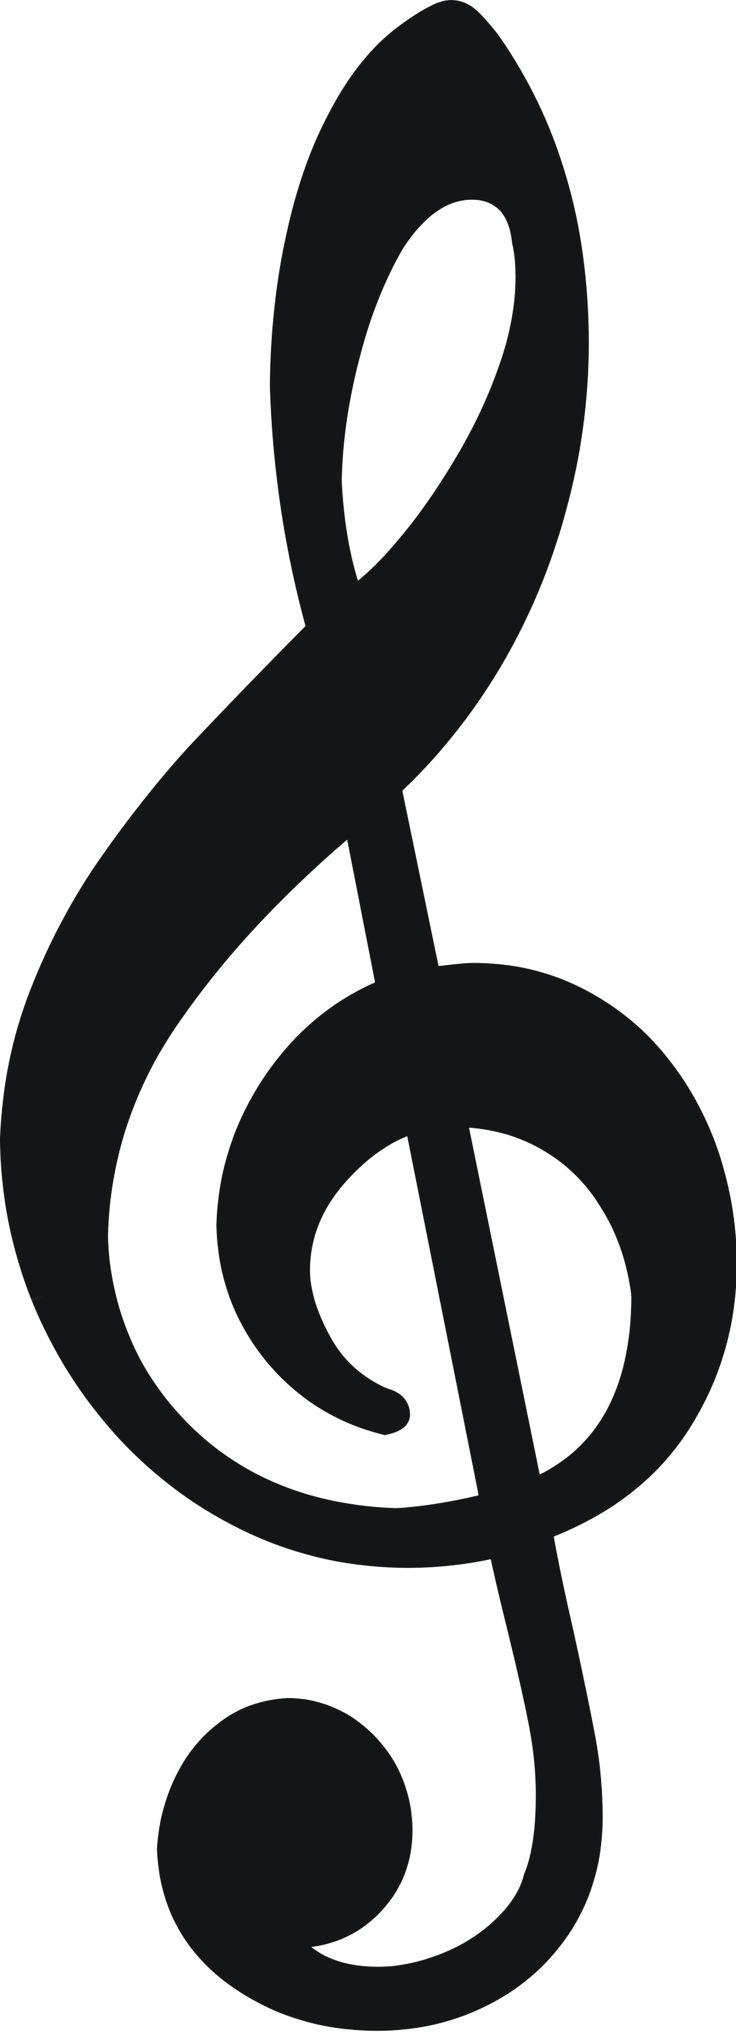 best 25 treble clef ideas on pinterest treble clef art music